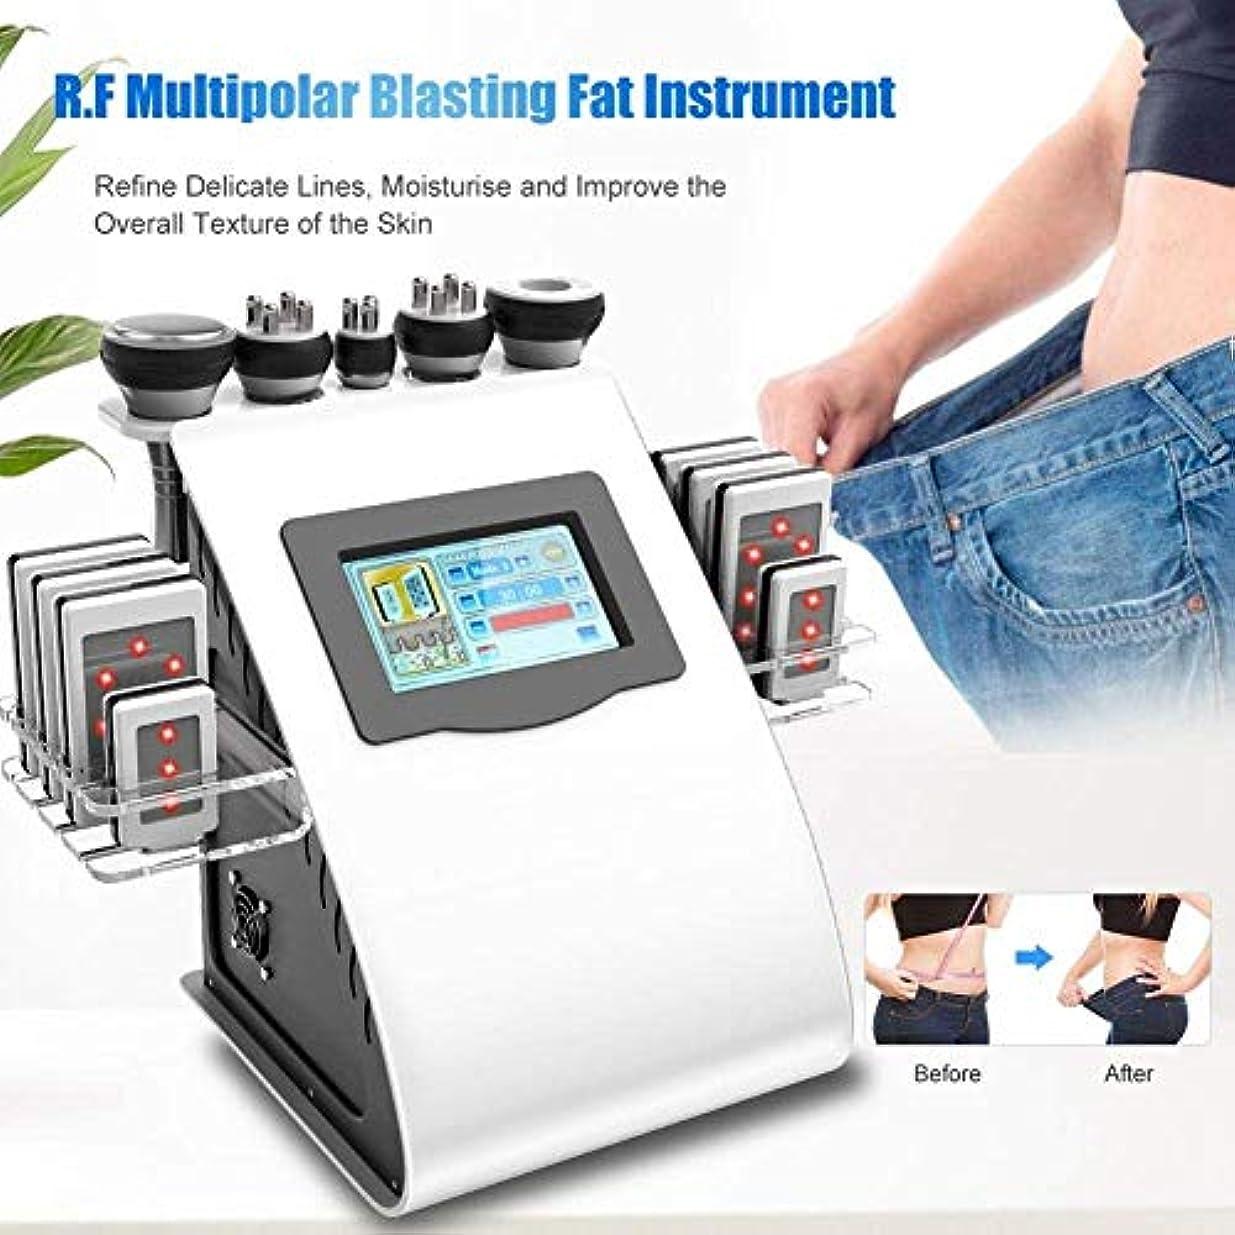 ショップクラックポットスタック5 in 1 ボディシェイピング 脂肪燃焼 機械、 美人 ケア デバイス マッサージャー、 プロ 顔と体 Slim身 処理 デバイス 機械